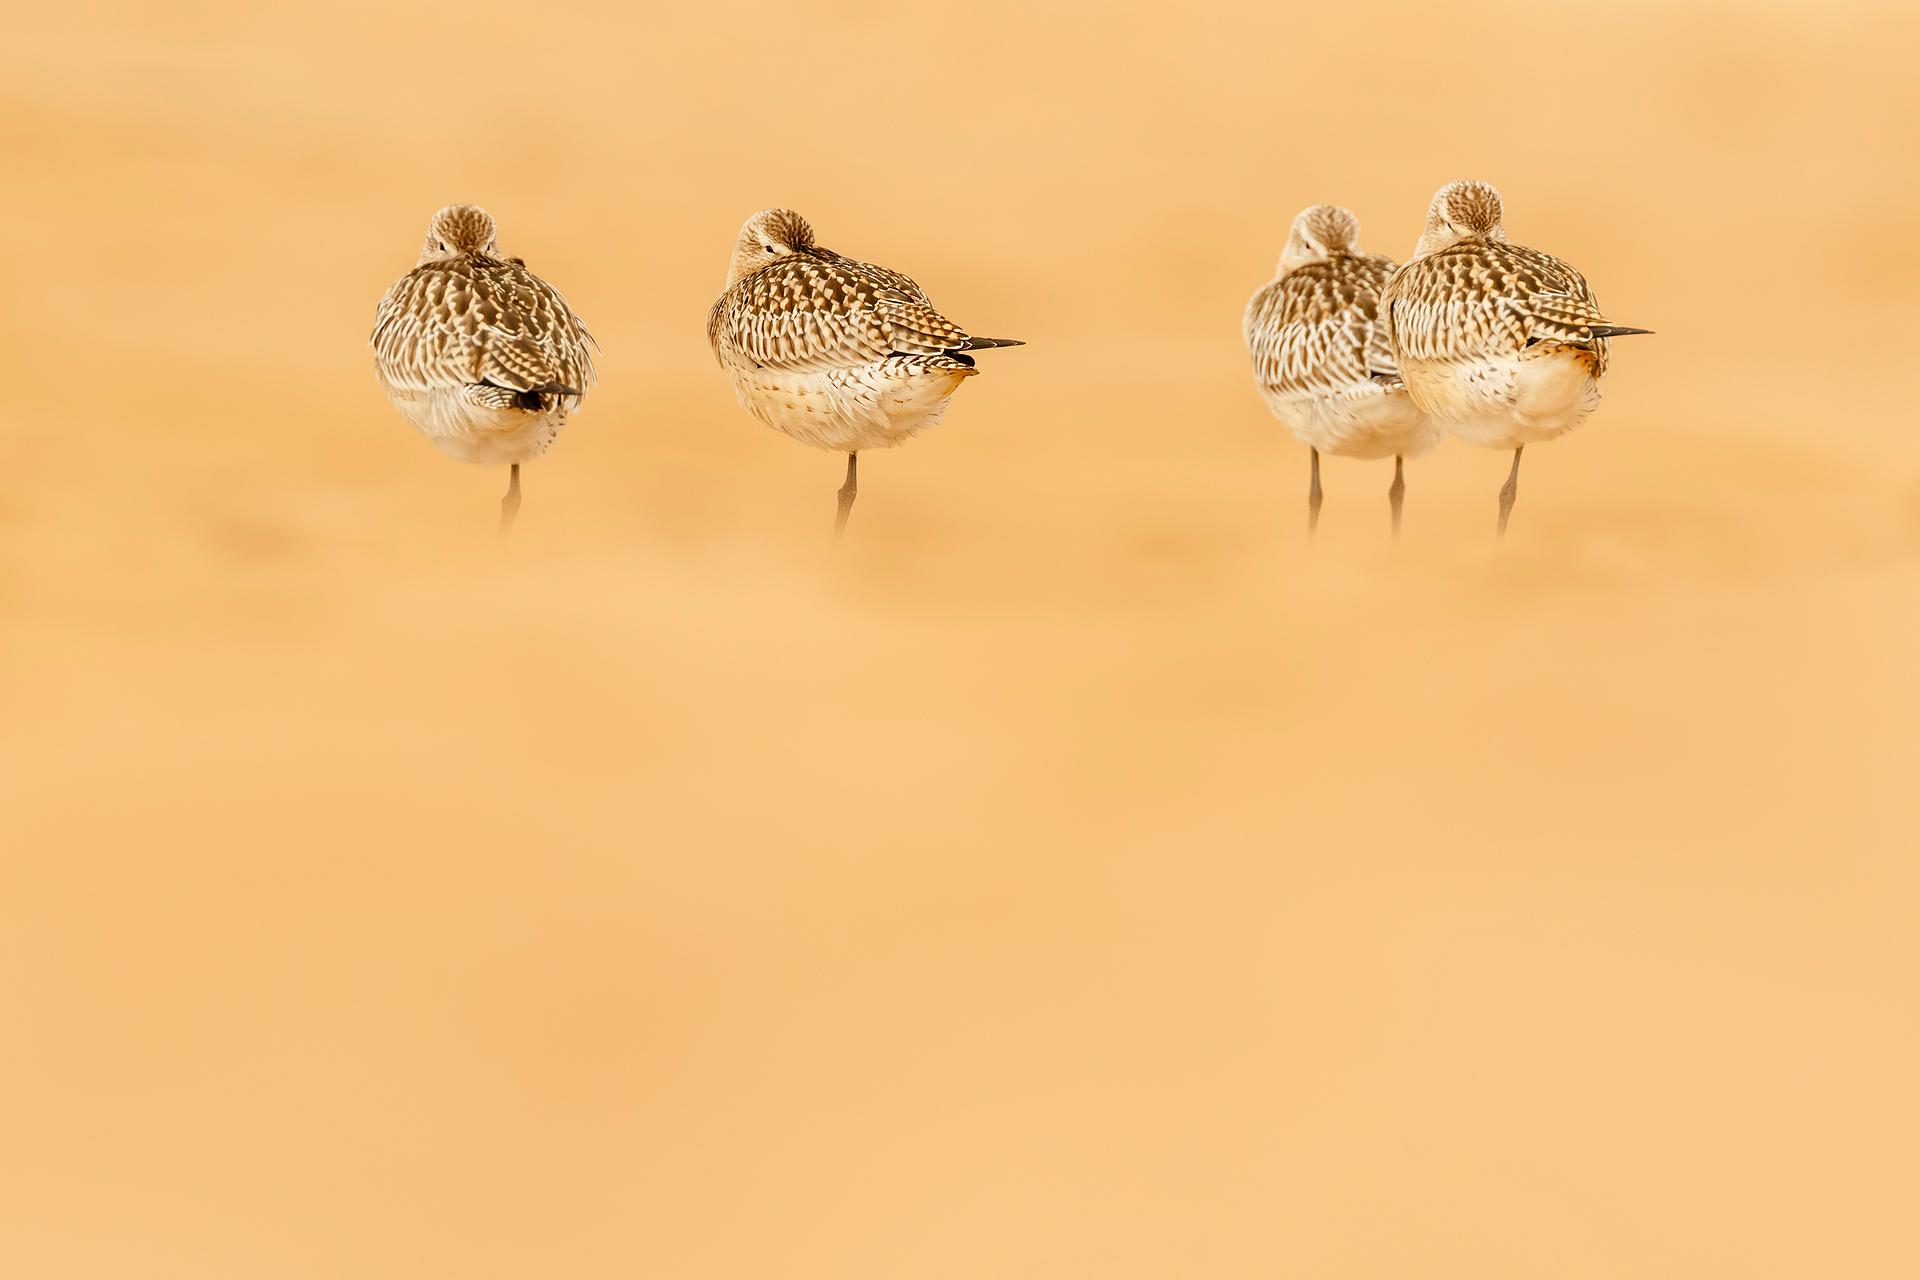 Sueño de arena - Mario Suarez - Portfolio Natural, Fotografía de Naturaleza de Autor